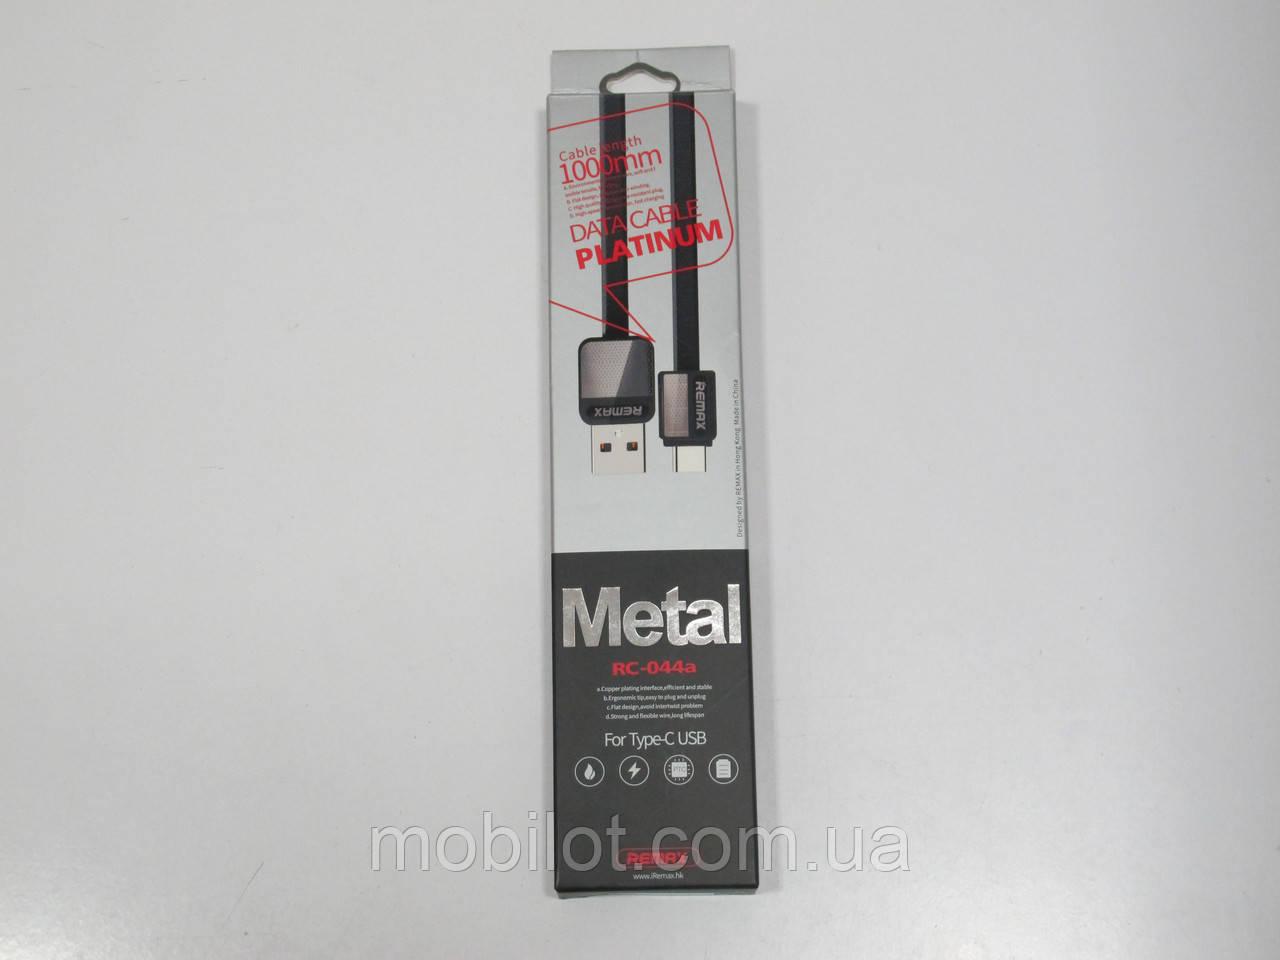 Кабель USB Remax RC-044a (AR-4597)